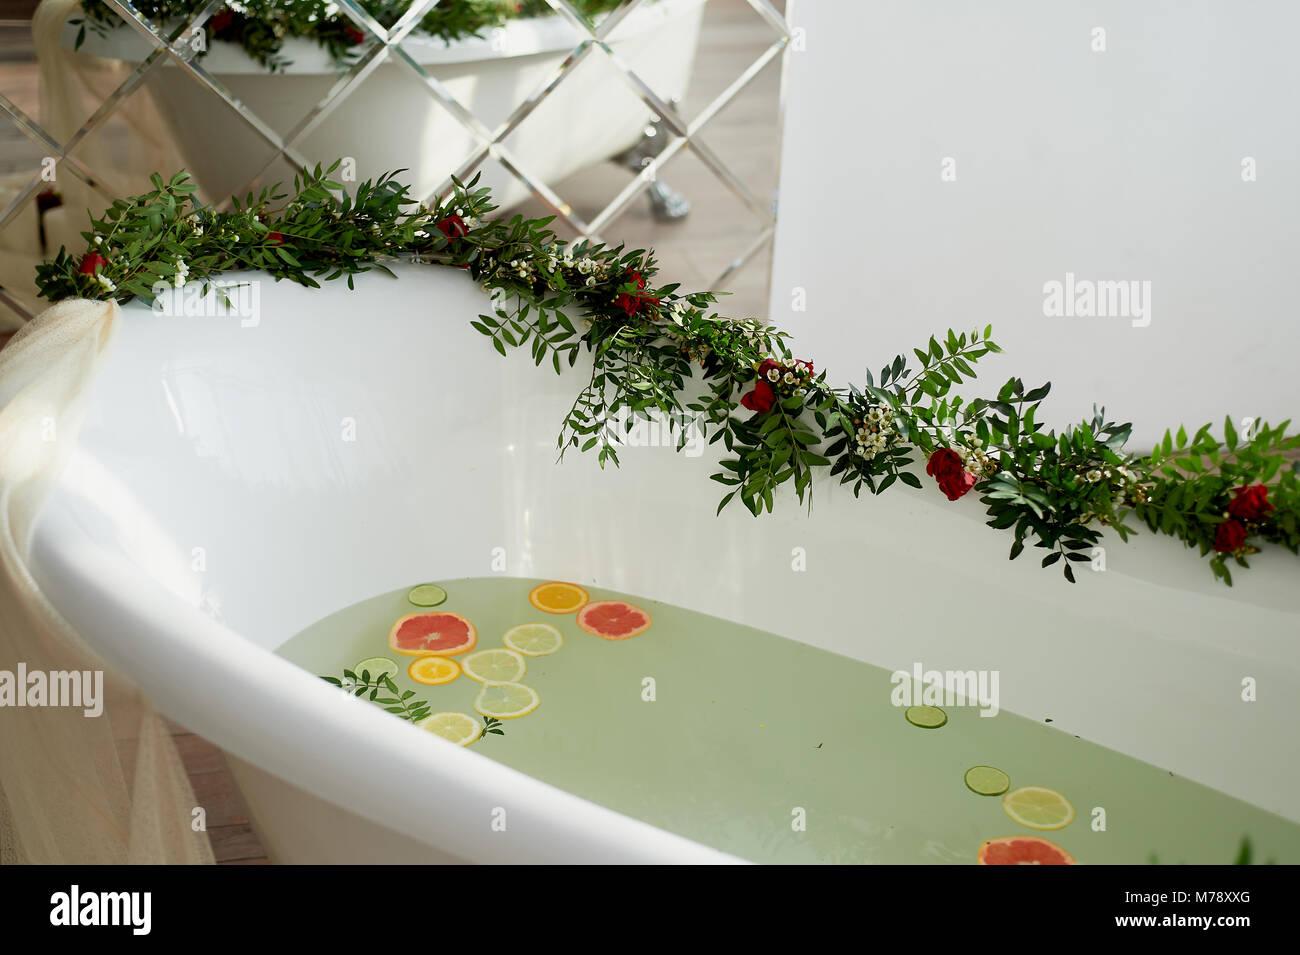 Riempire La Vasca Da Bagno In Inglese : Latte acqua nella vasca da bagno che nuotare citrus lime limone